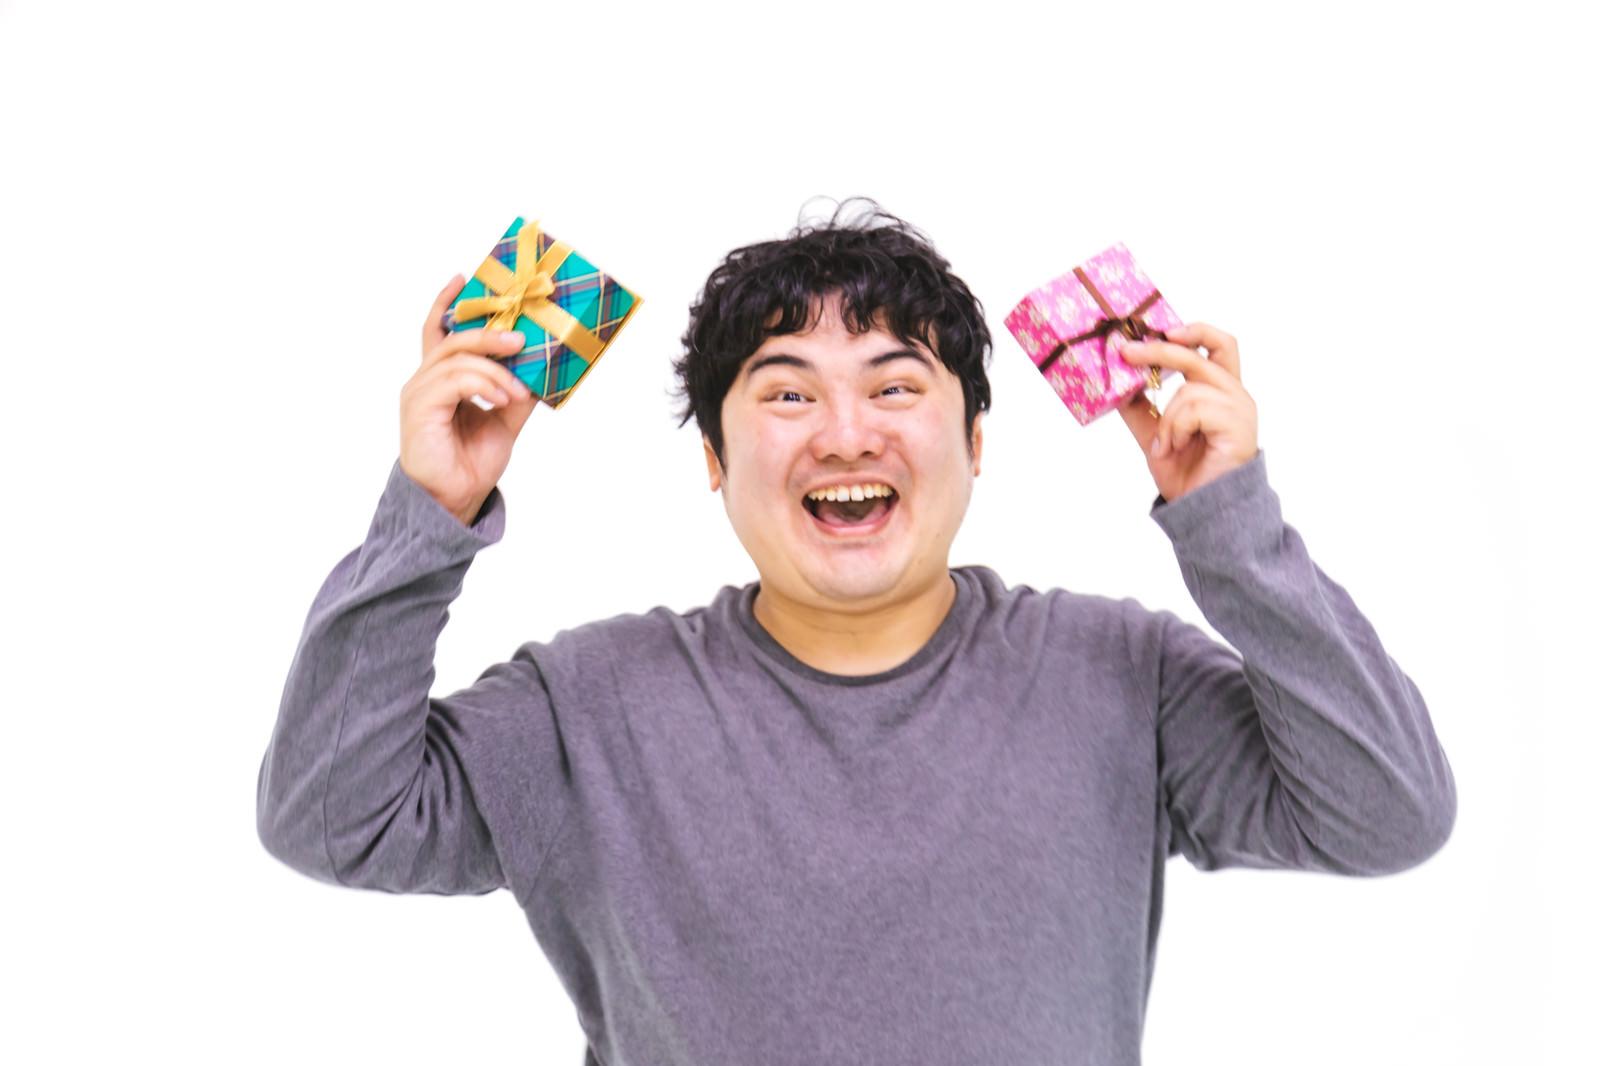 「義理チョコウェーイ! | 写真の無料素材・フリー素材 - ぱくたそ」の写真[モデル:段田隼人]